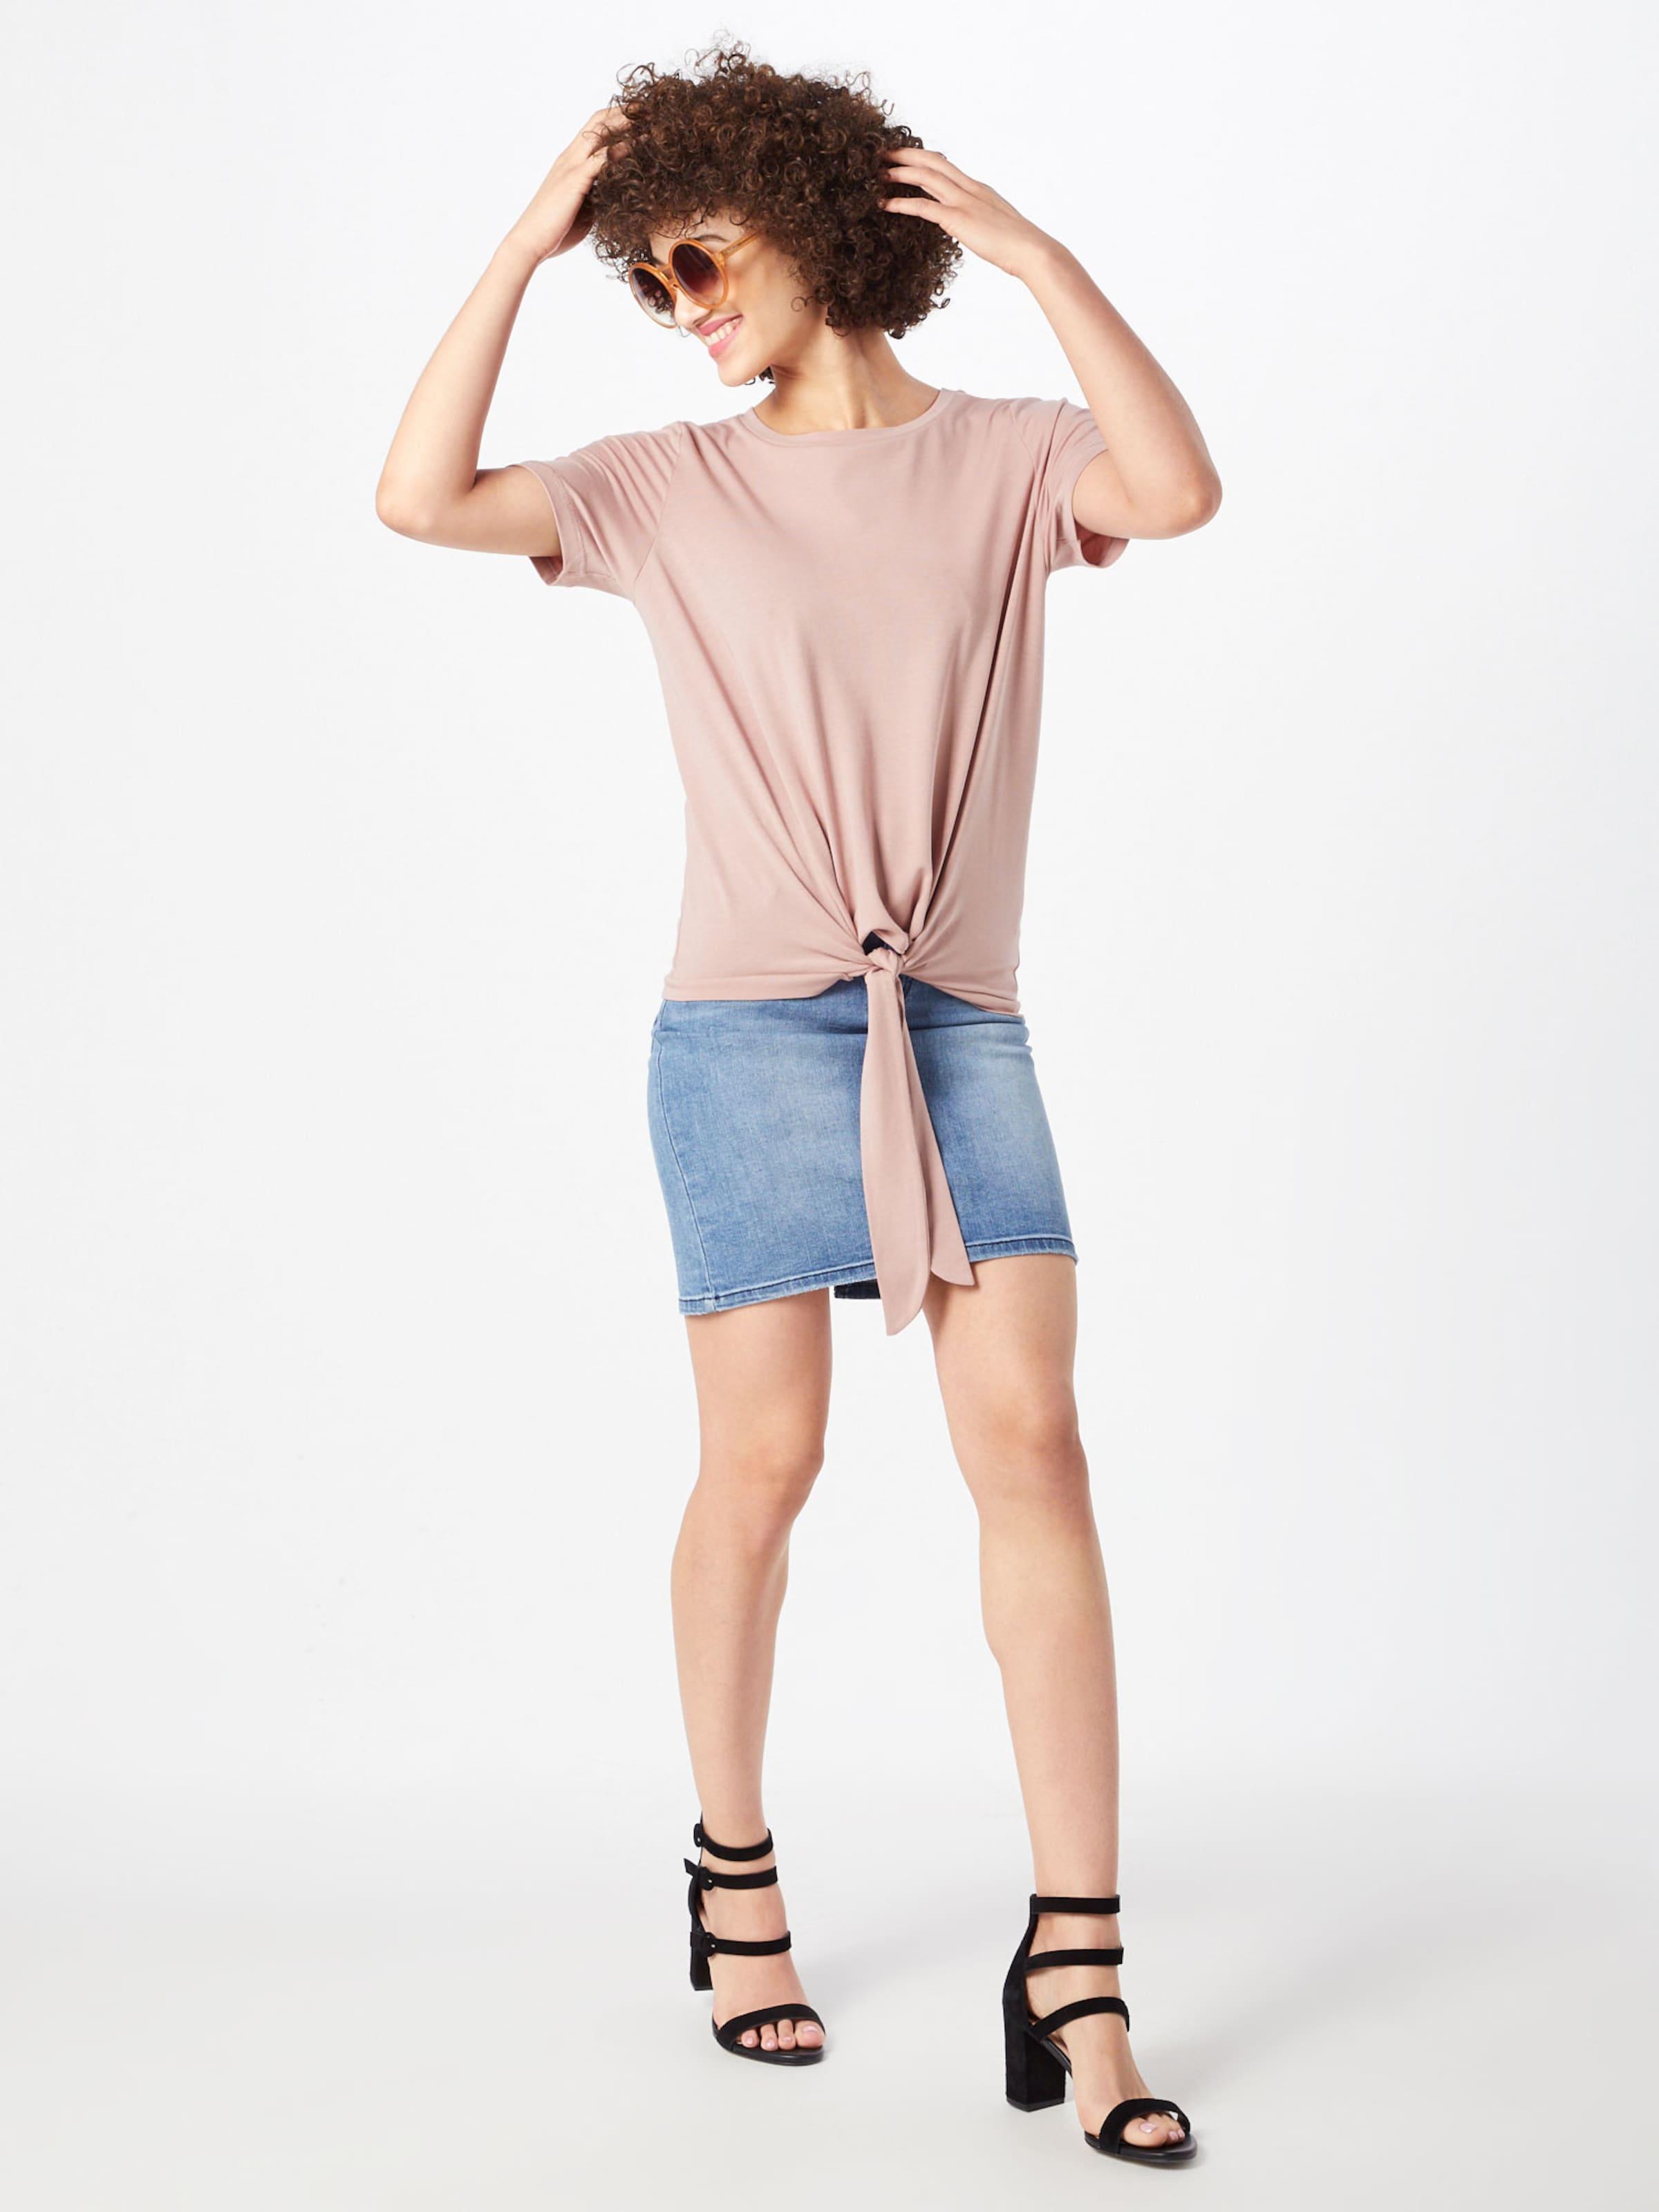 'stephanie' Clair Object En Rouge T shirt tChrdsQ